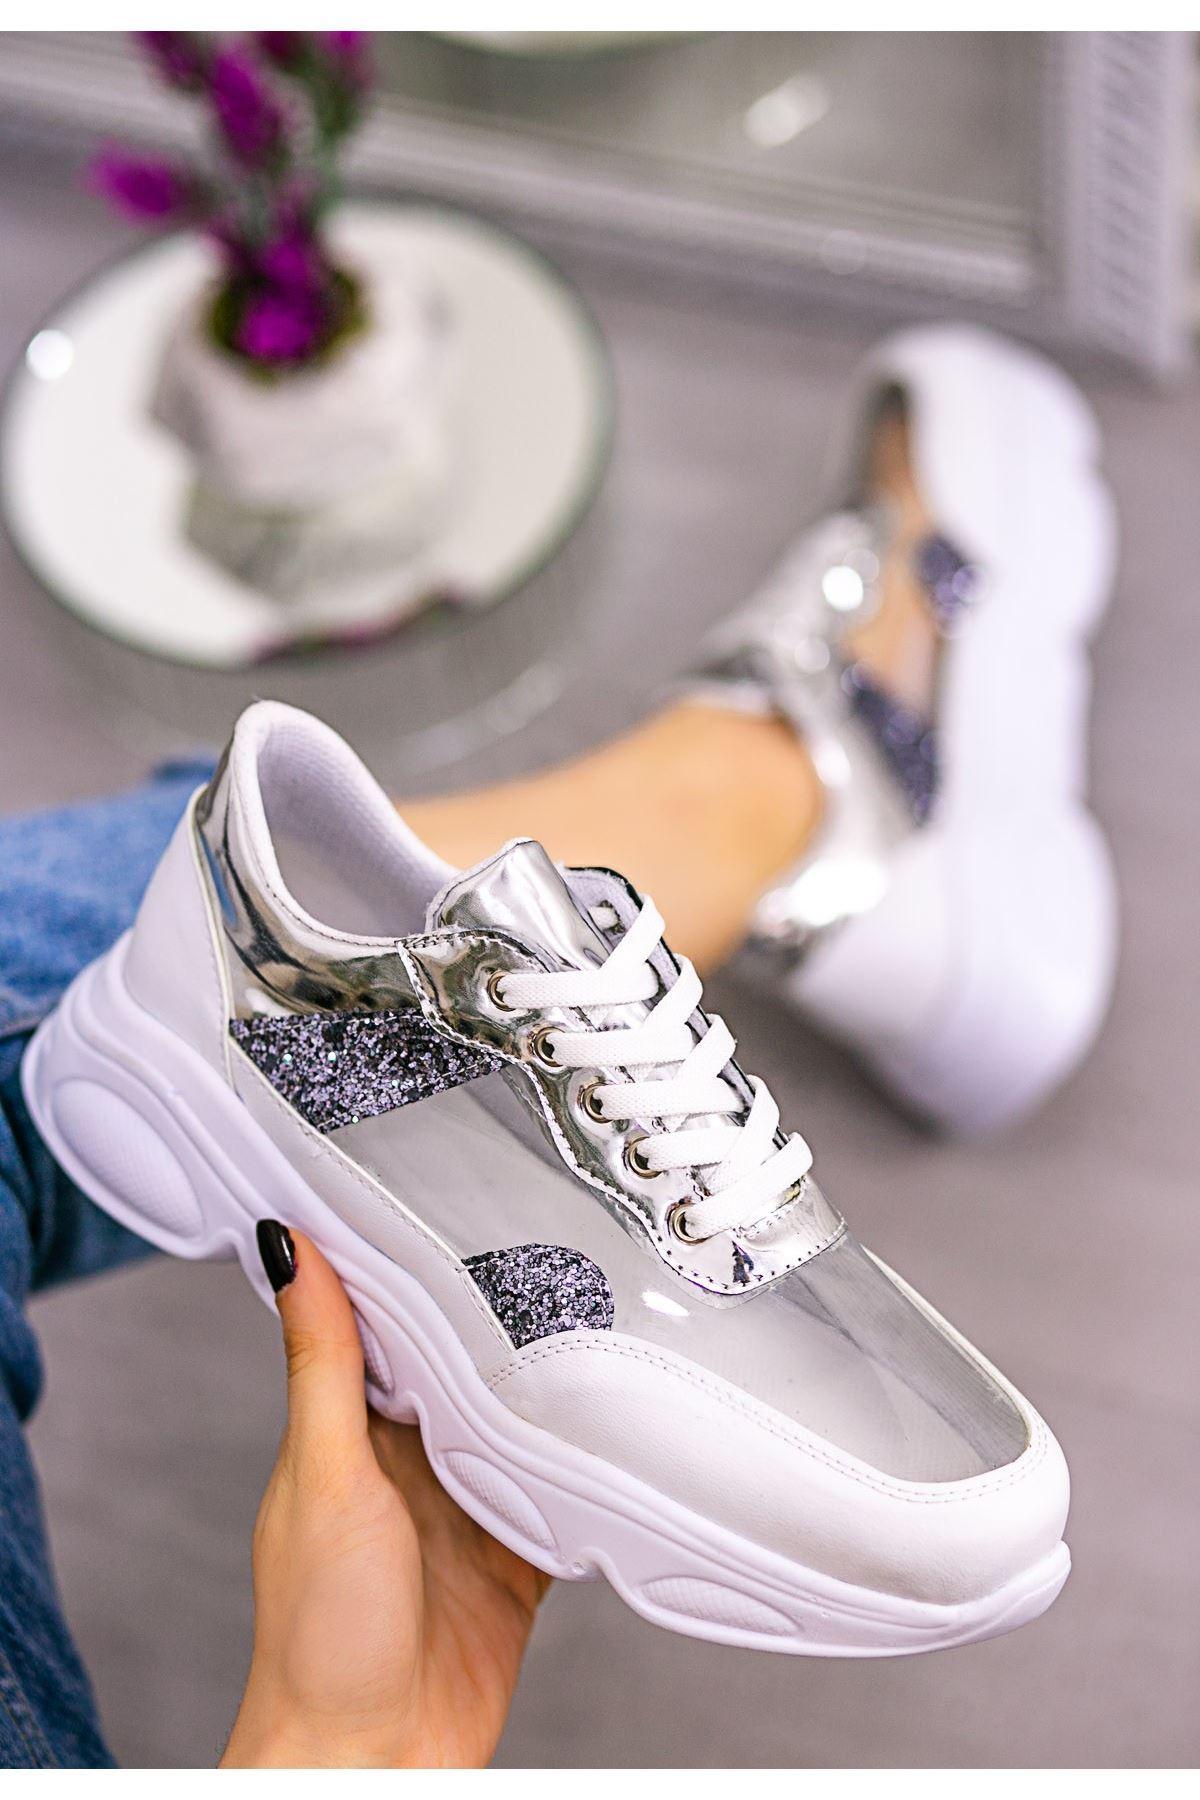 Tonix Beyaz Cilt Gümüş Simli Spor Ayakkabı